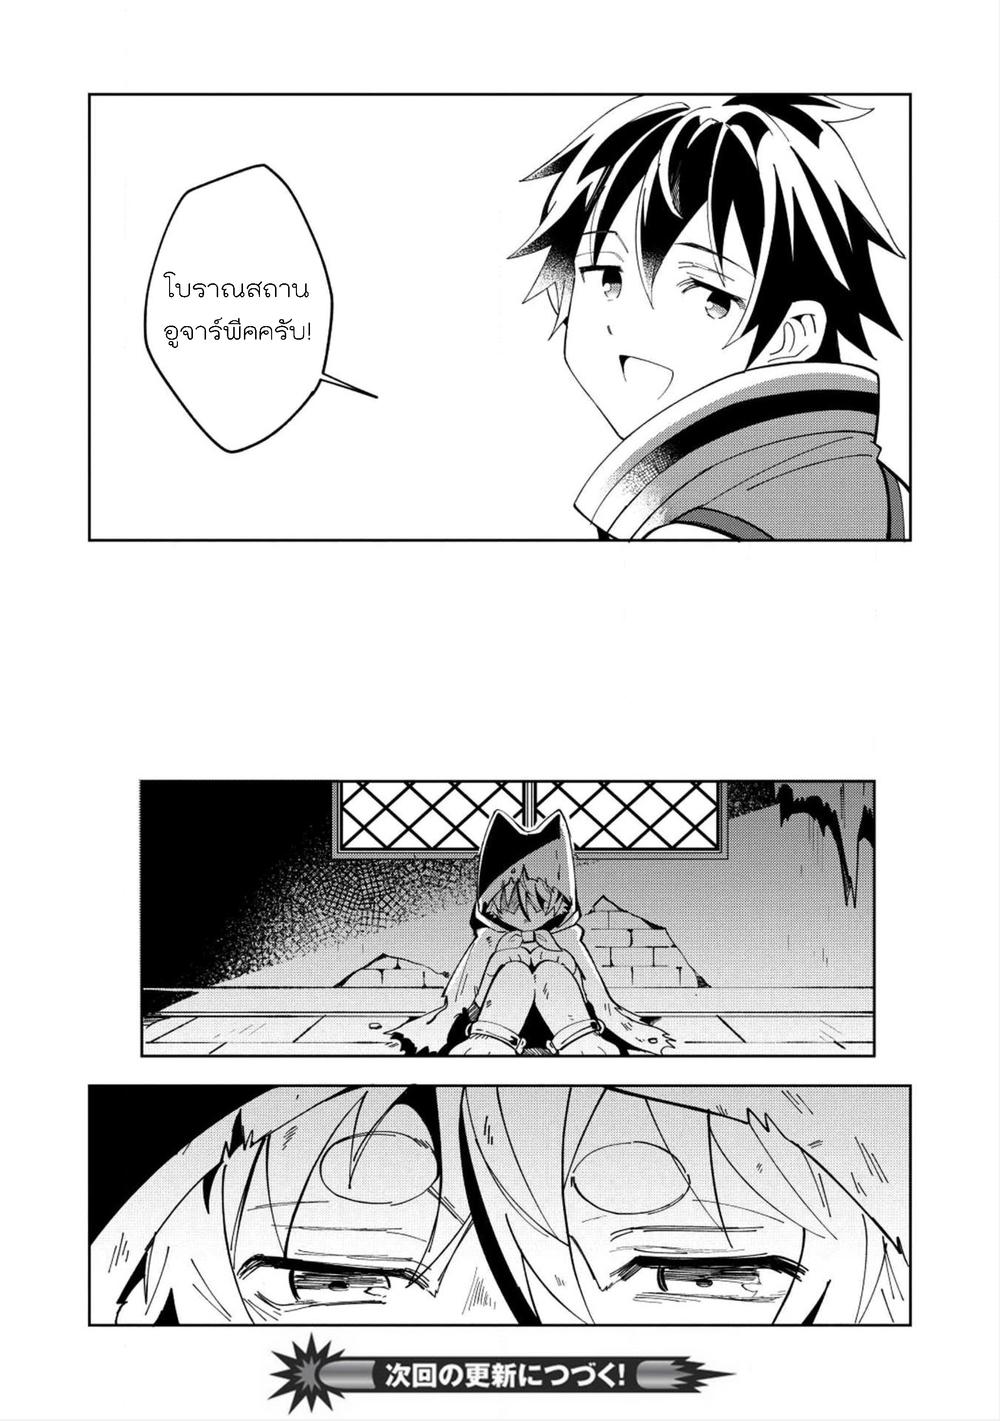 อ่านการ์ตูน Nihon e Youkoso Elf san ตอนที่ 6 หน้าที่ 25